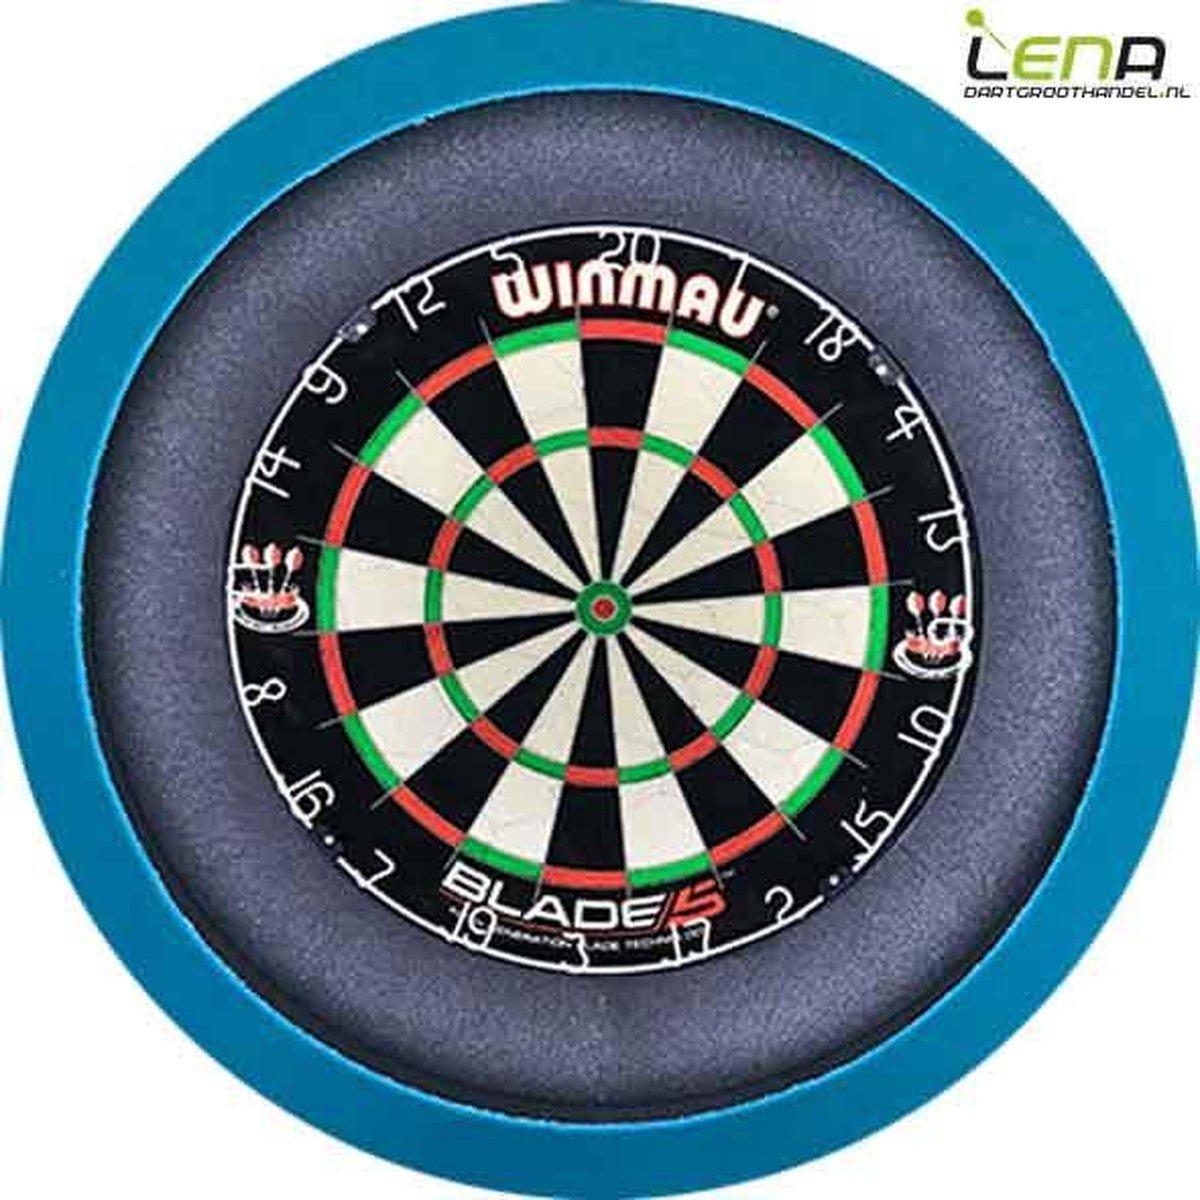 LENA Dartbord Verlichting BASIC XL (Aqua)